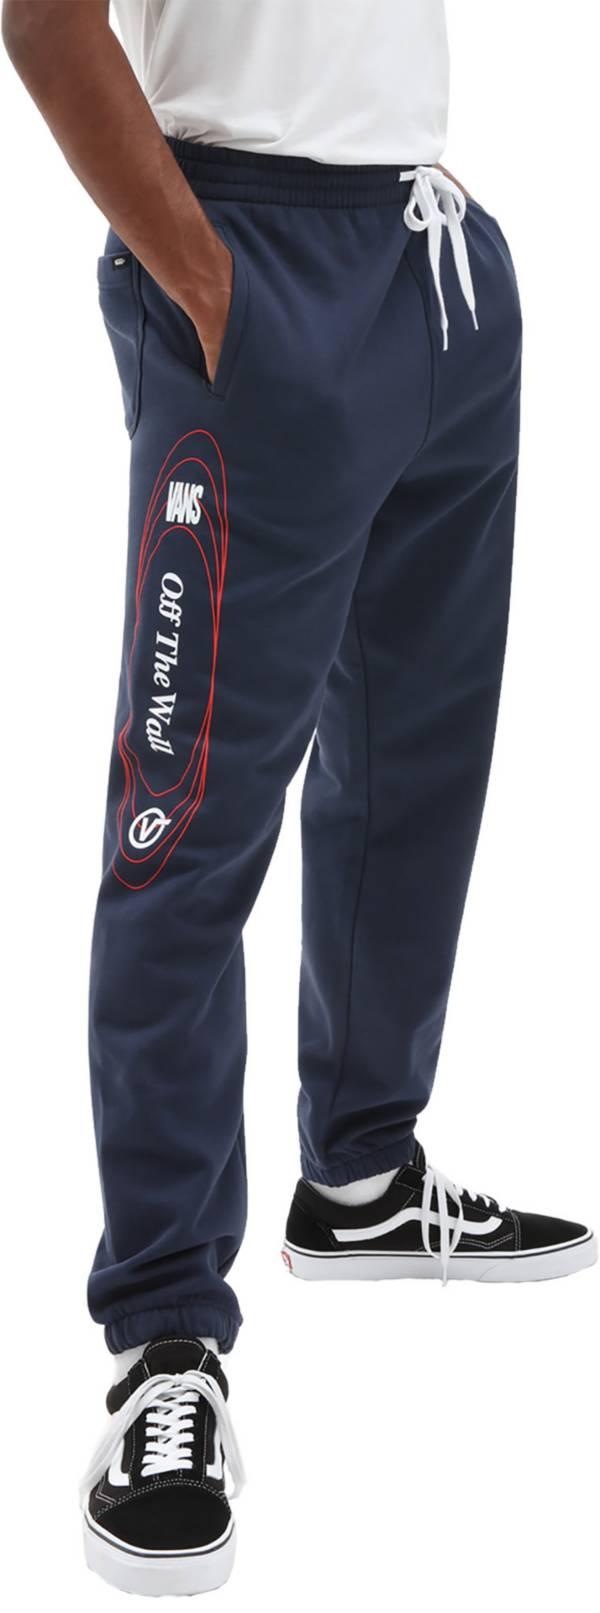 Vans Men's Frequency Fleece Pants product image